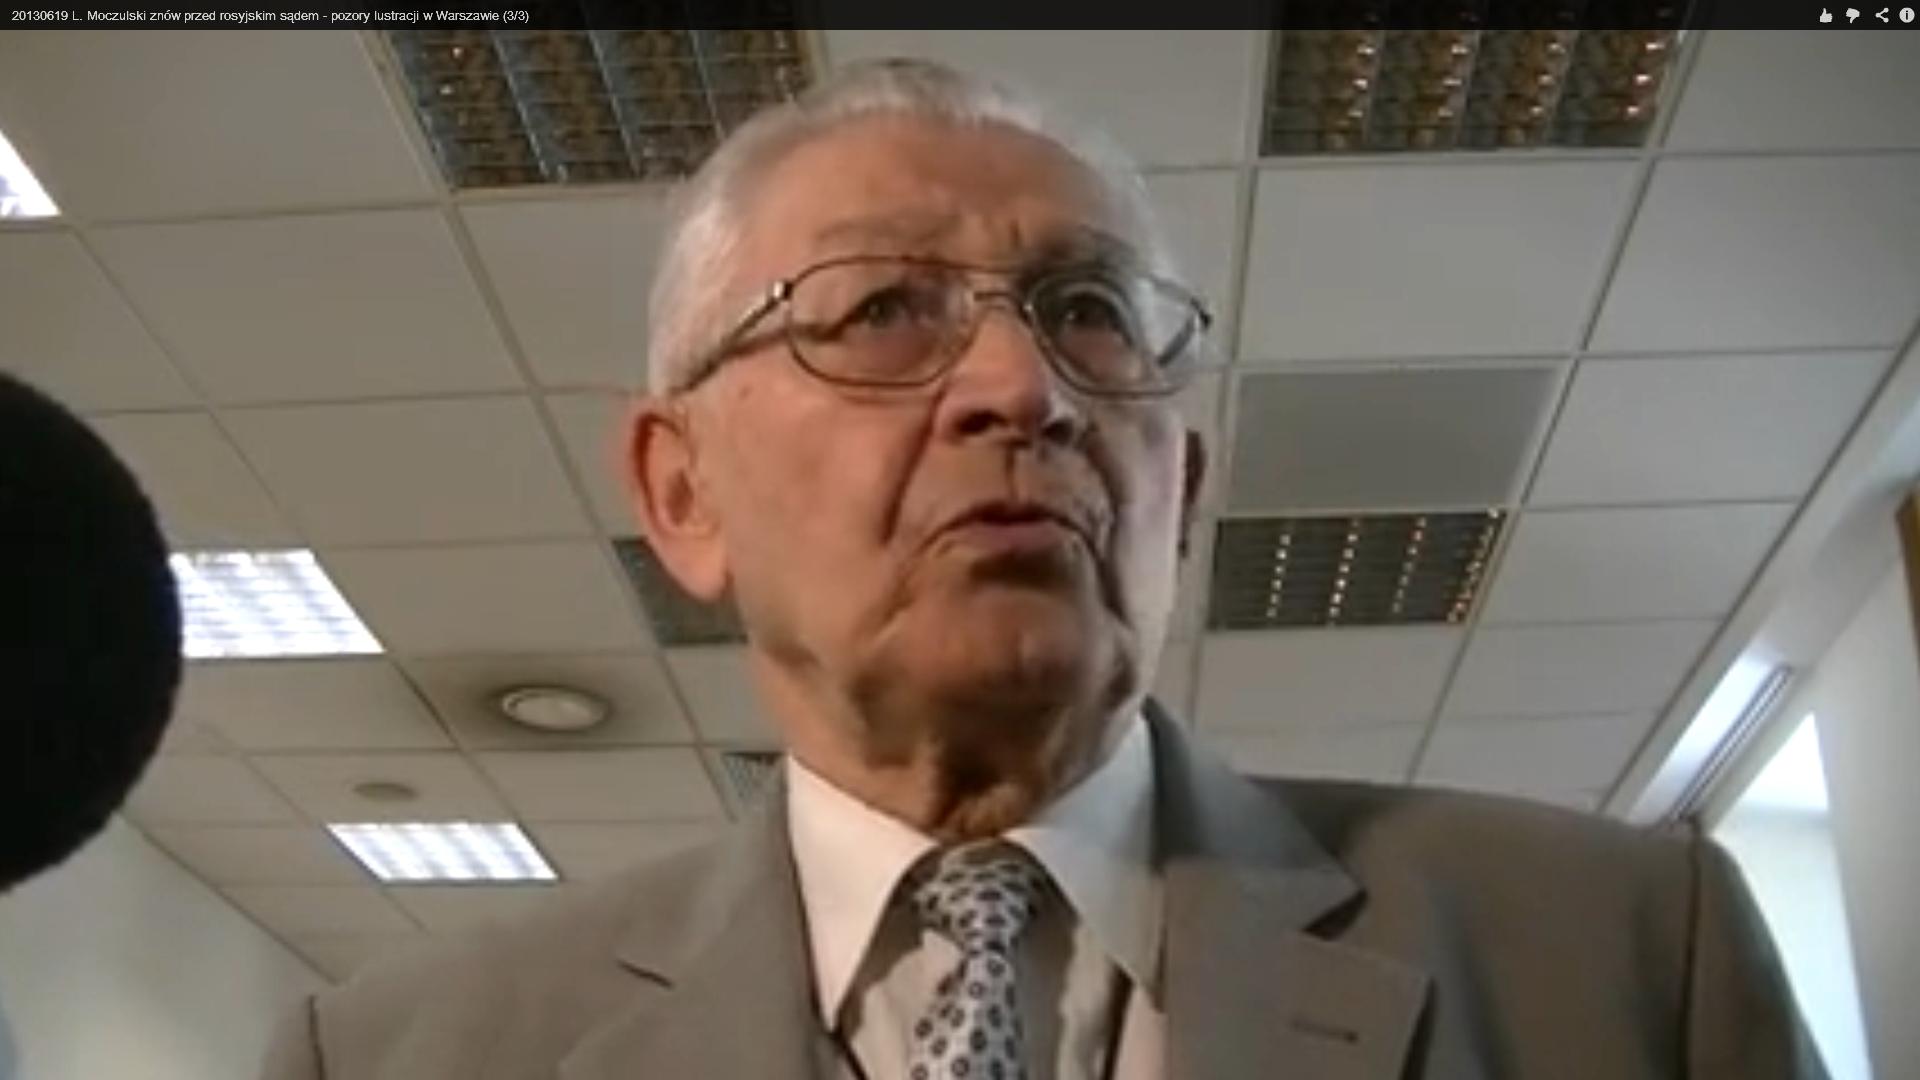 WOLNY CZYN: Proces Leszka Moczulskiego przed ławą przysięgłych